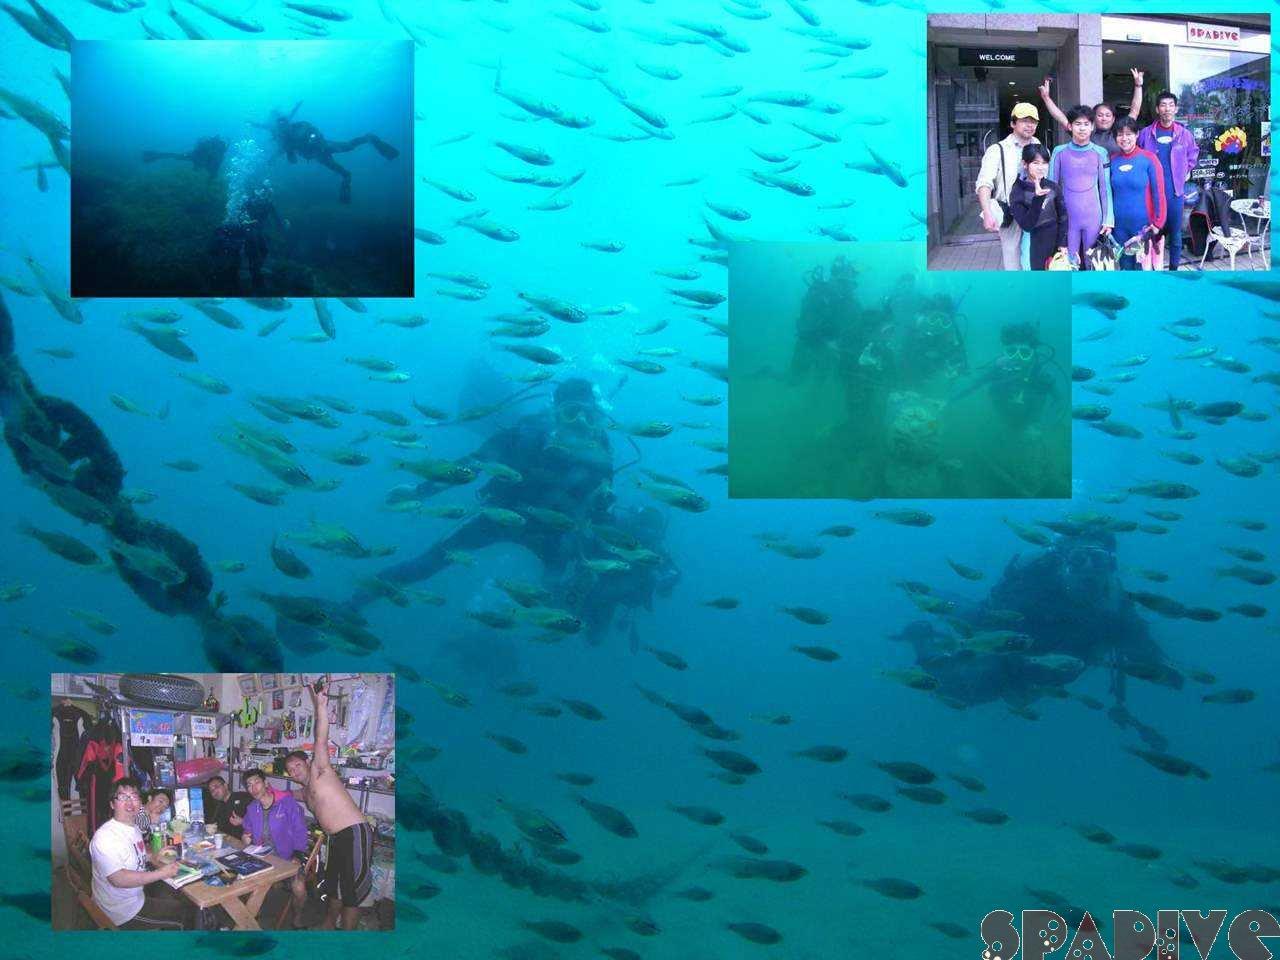 千石丘&沈船ボートファンダイブ|体験ダイビング|5/5/2008白浜